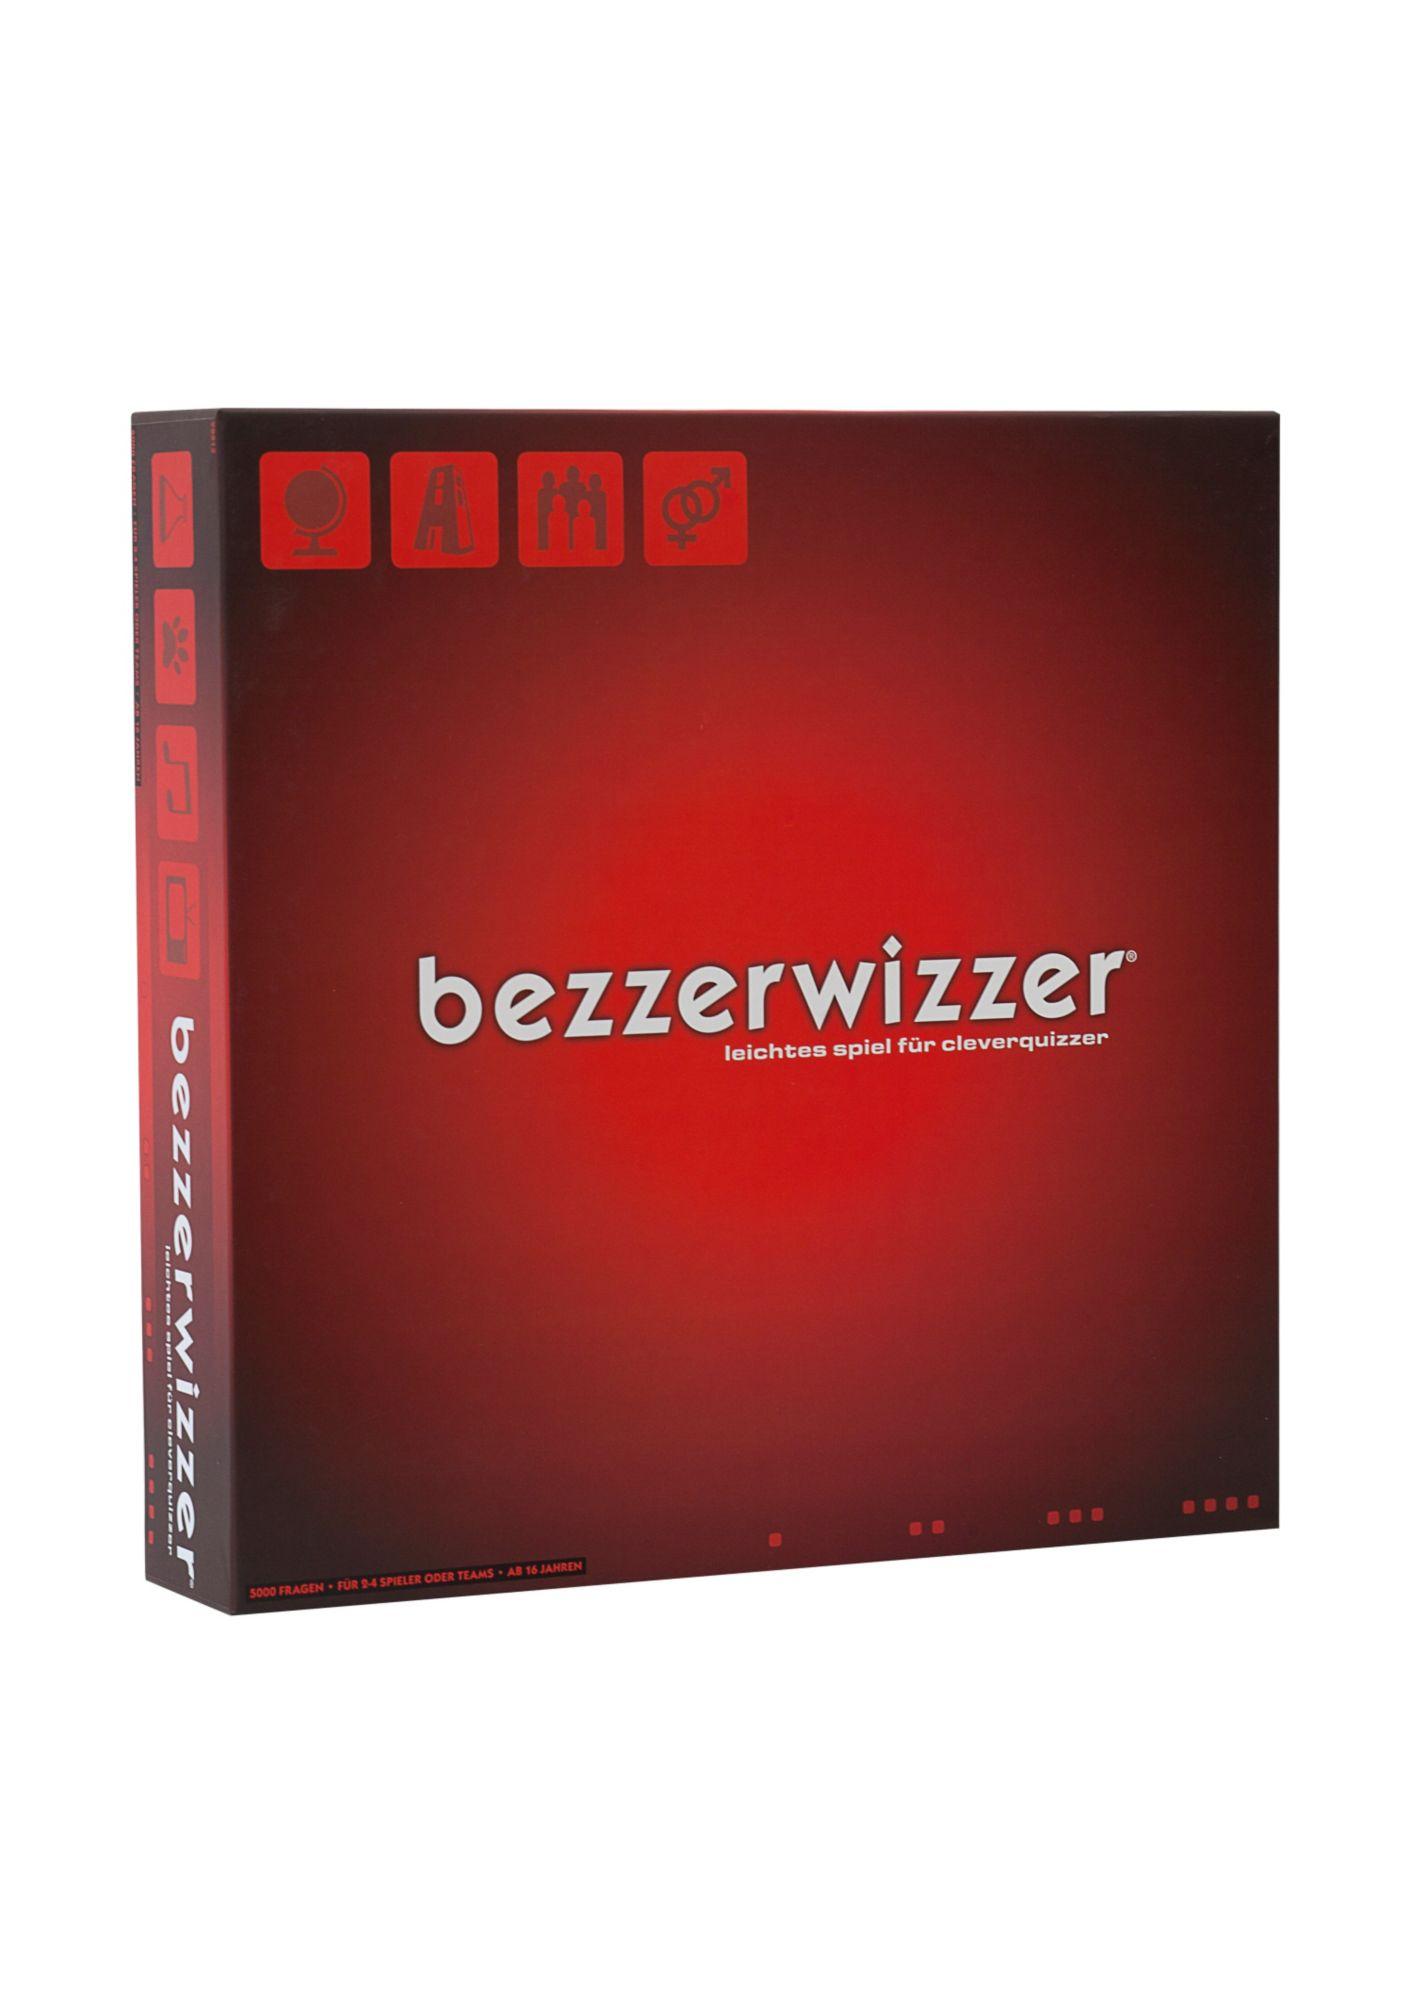 MATTEL Bezzerwizzer, Quizspiel